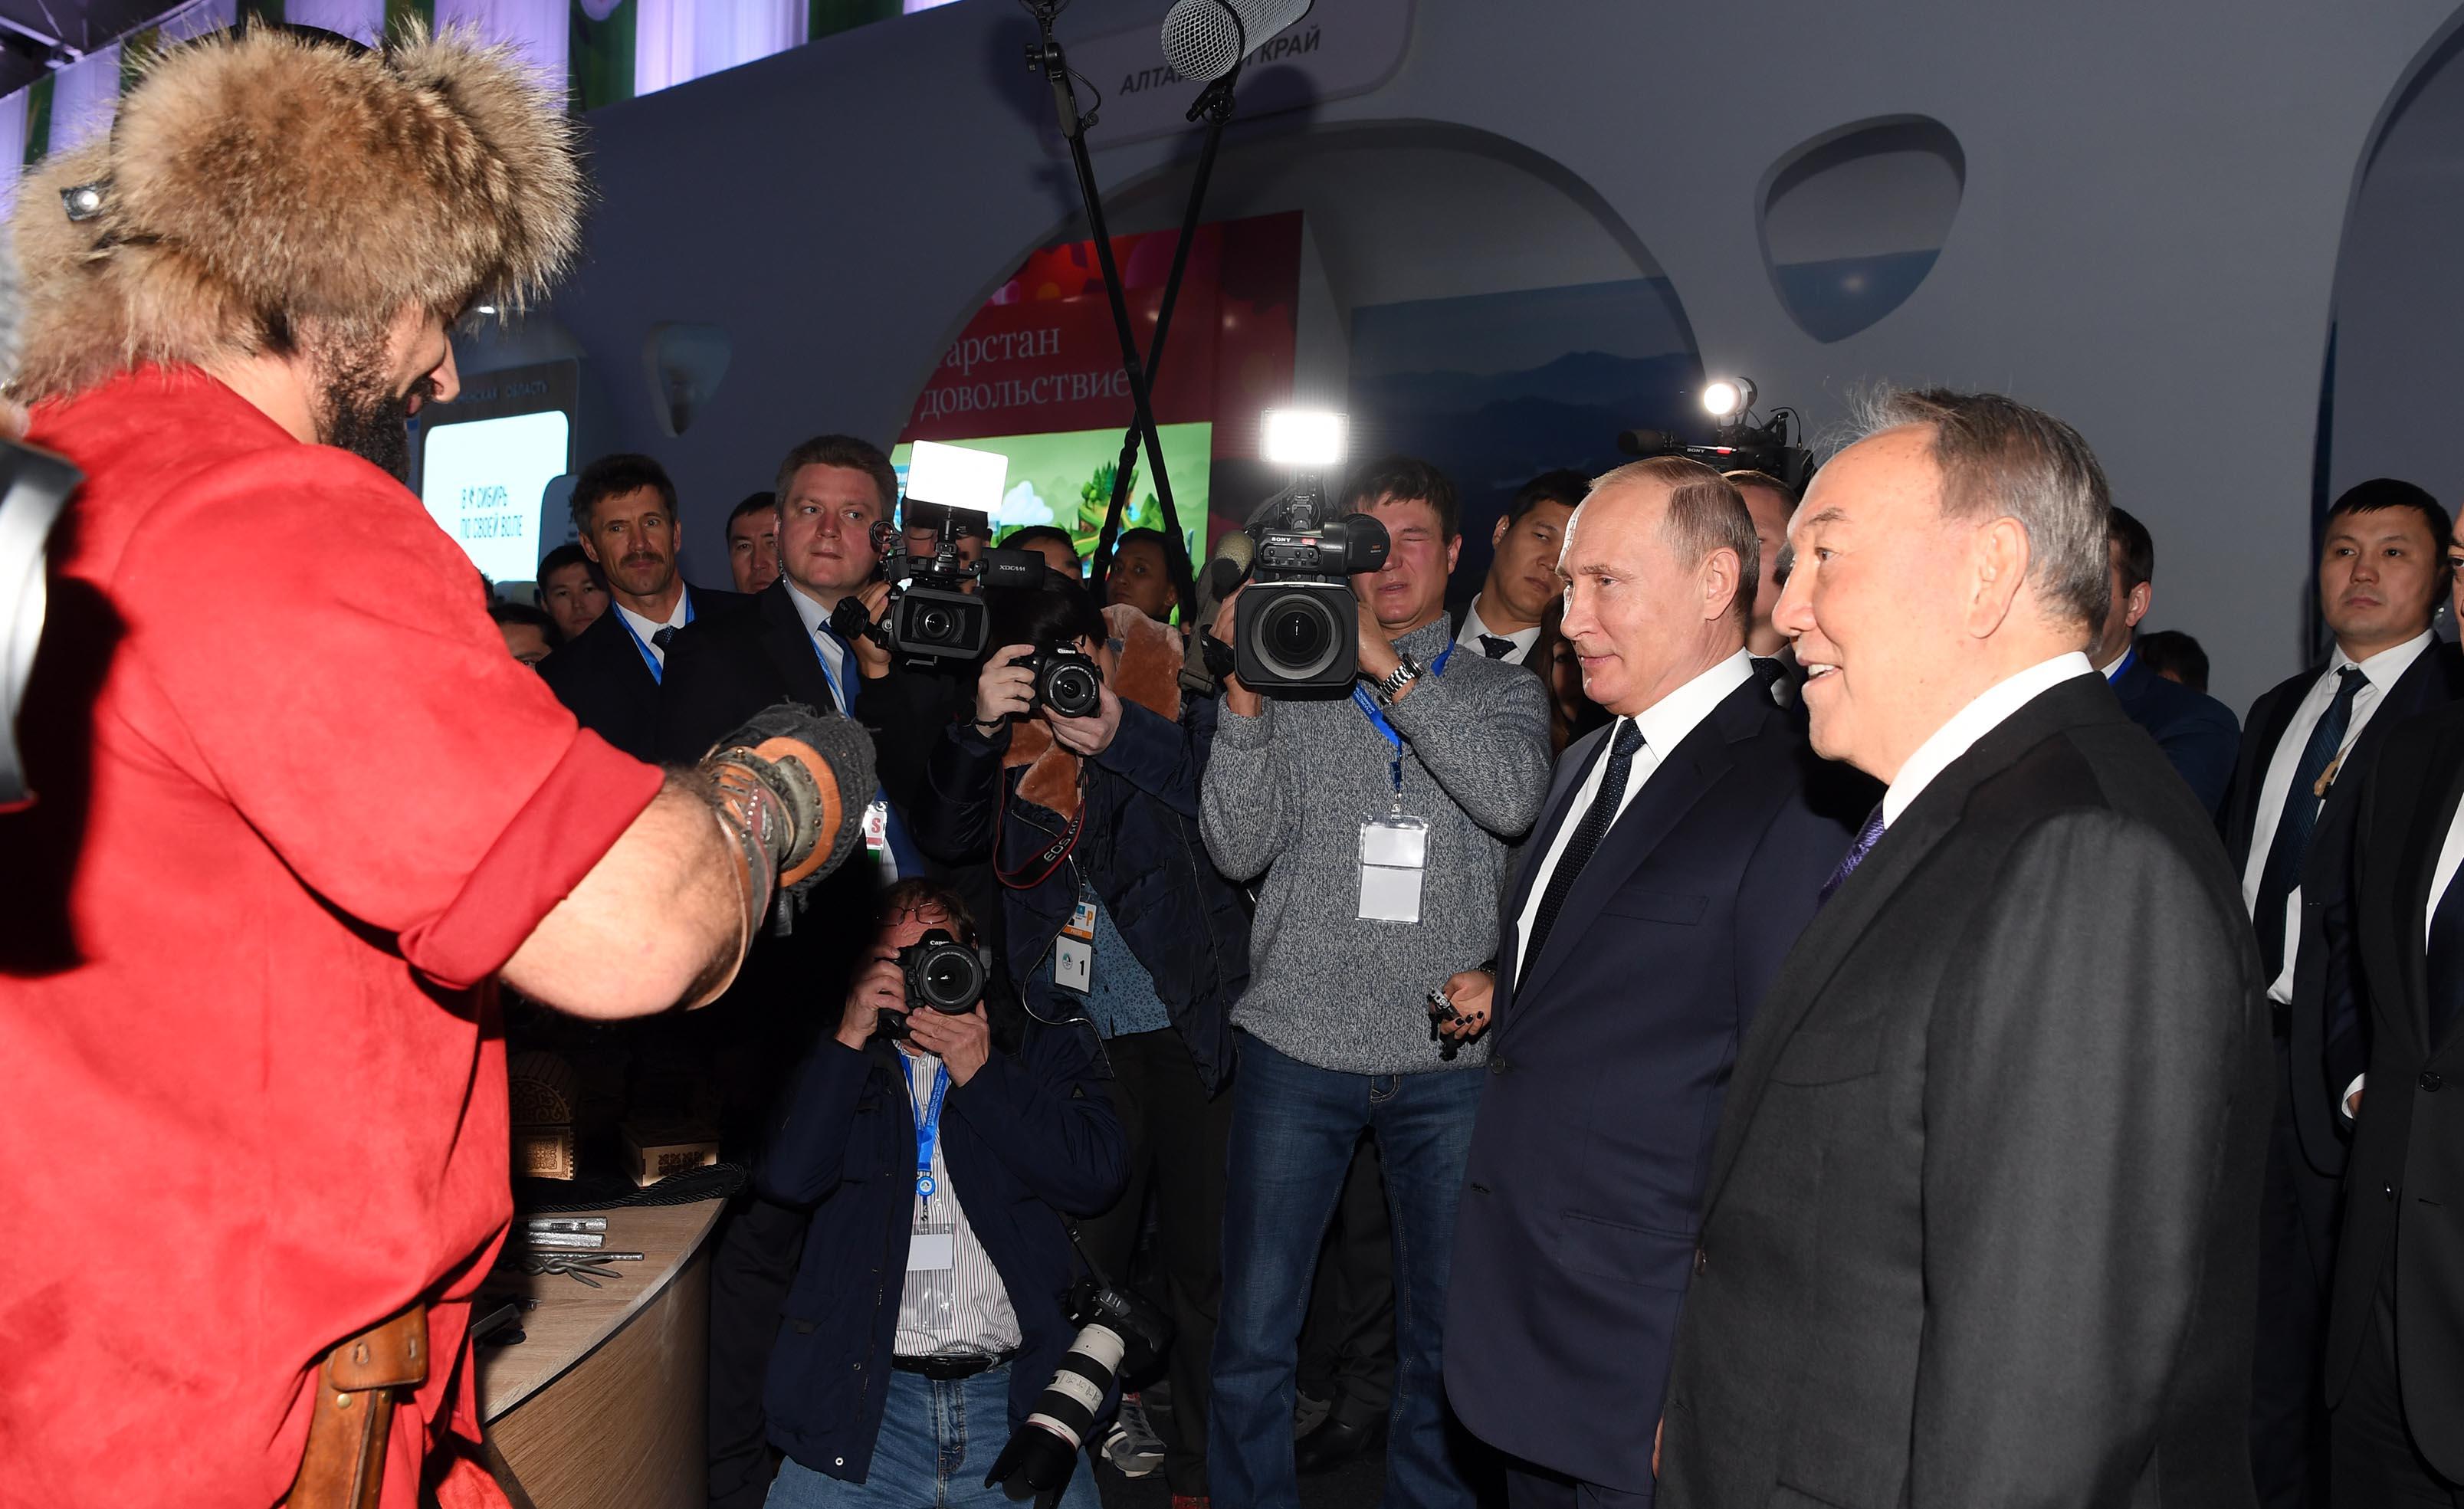 Нұрсұлтан Назарбаев пен Владимир Путин «Қазақстан мен Ресейдің туризм саласын дамытудың жаңа тәсілдері мен үрдістері» атты көрмені аралап көрді